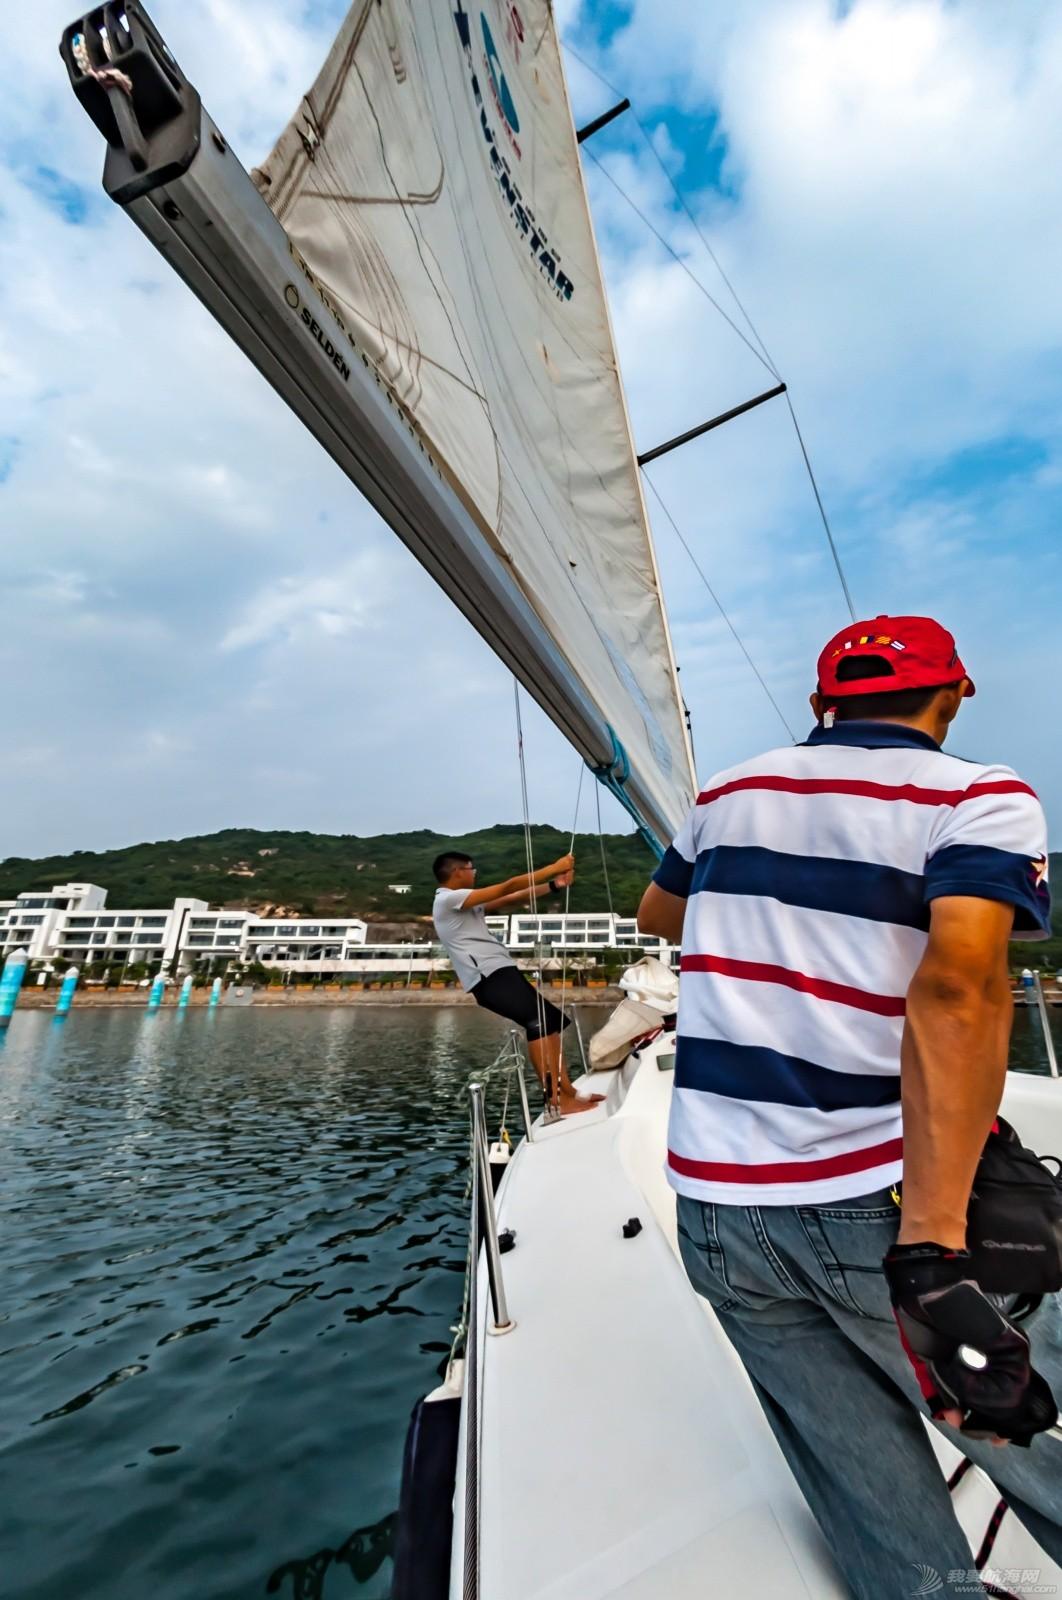 帆船 【2015大鹏杯帆船赛】鱼眼看航海 16061.jpg